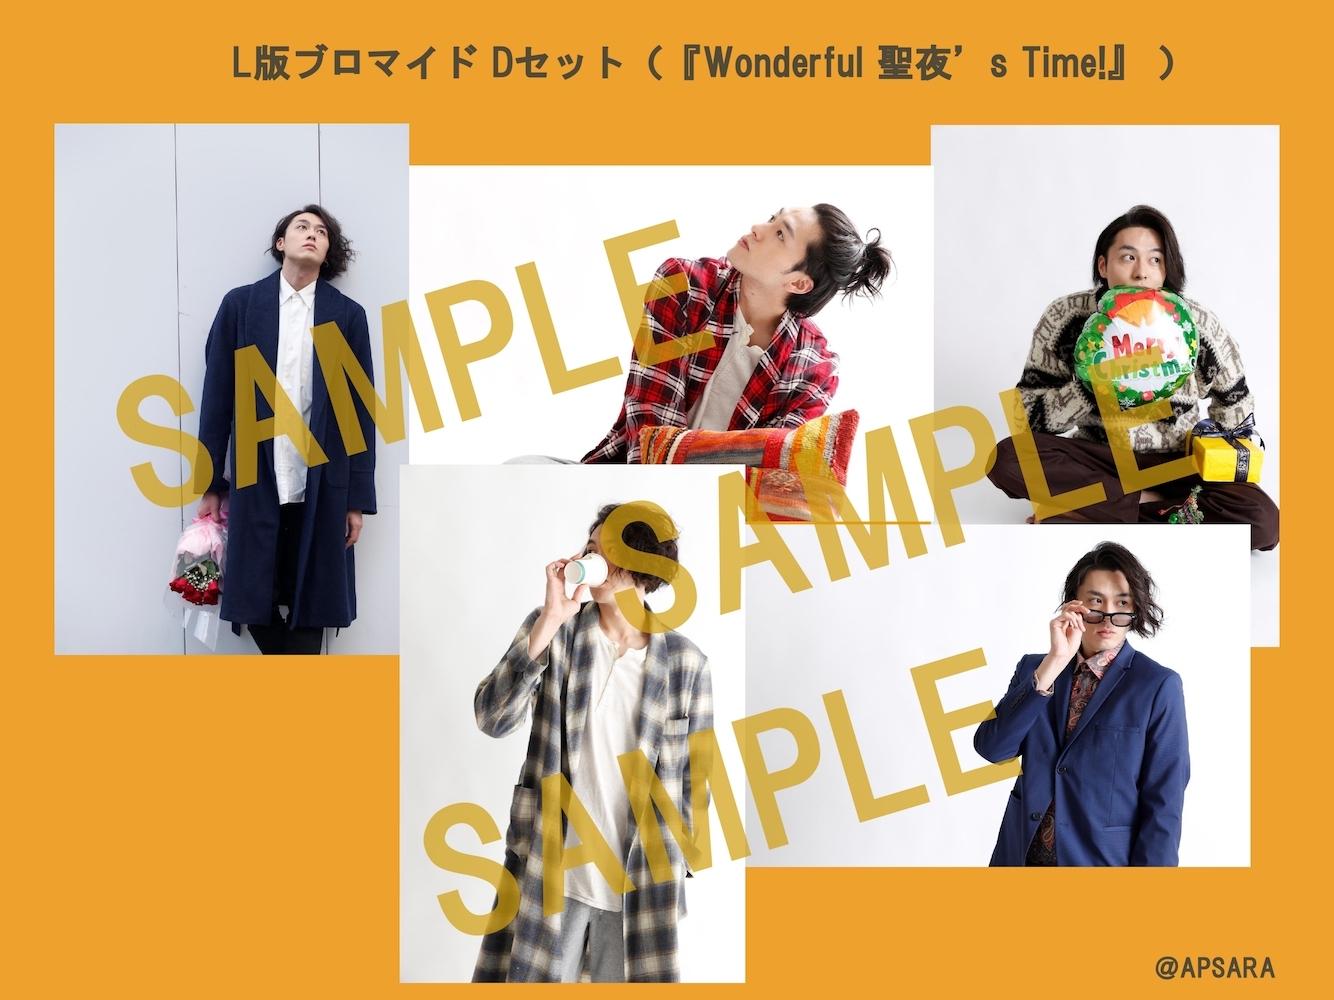 ブロマイドDセット(『Wonderful 聖夜's Time!』 )